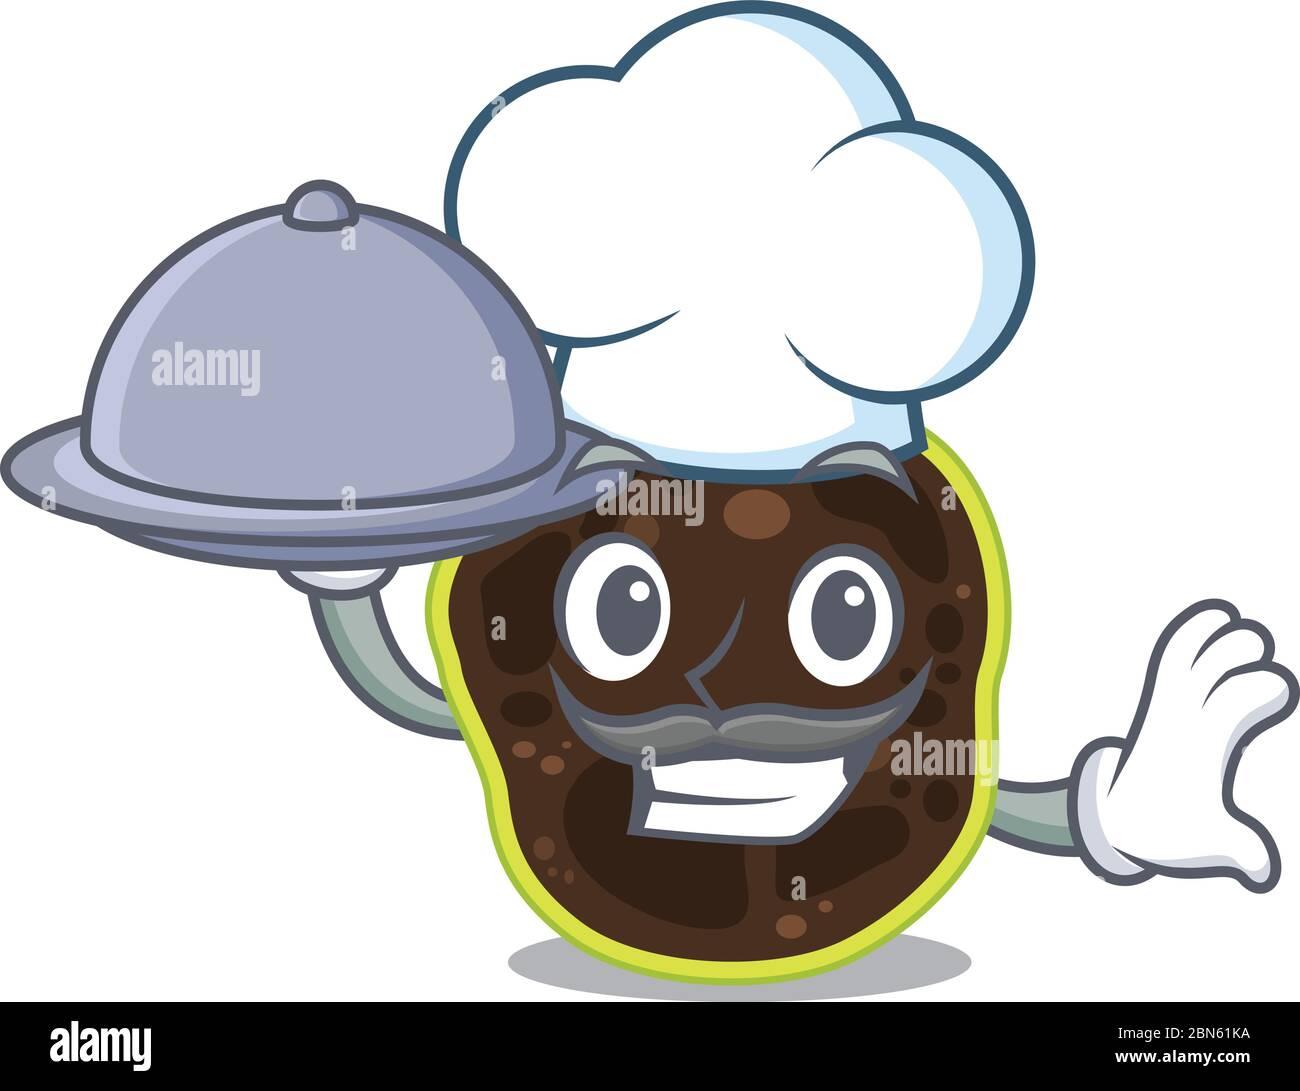 mascotte de firmicutes chef servant des plats sur plateau Illustration de Vecteur